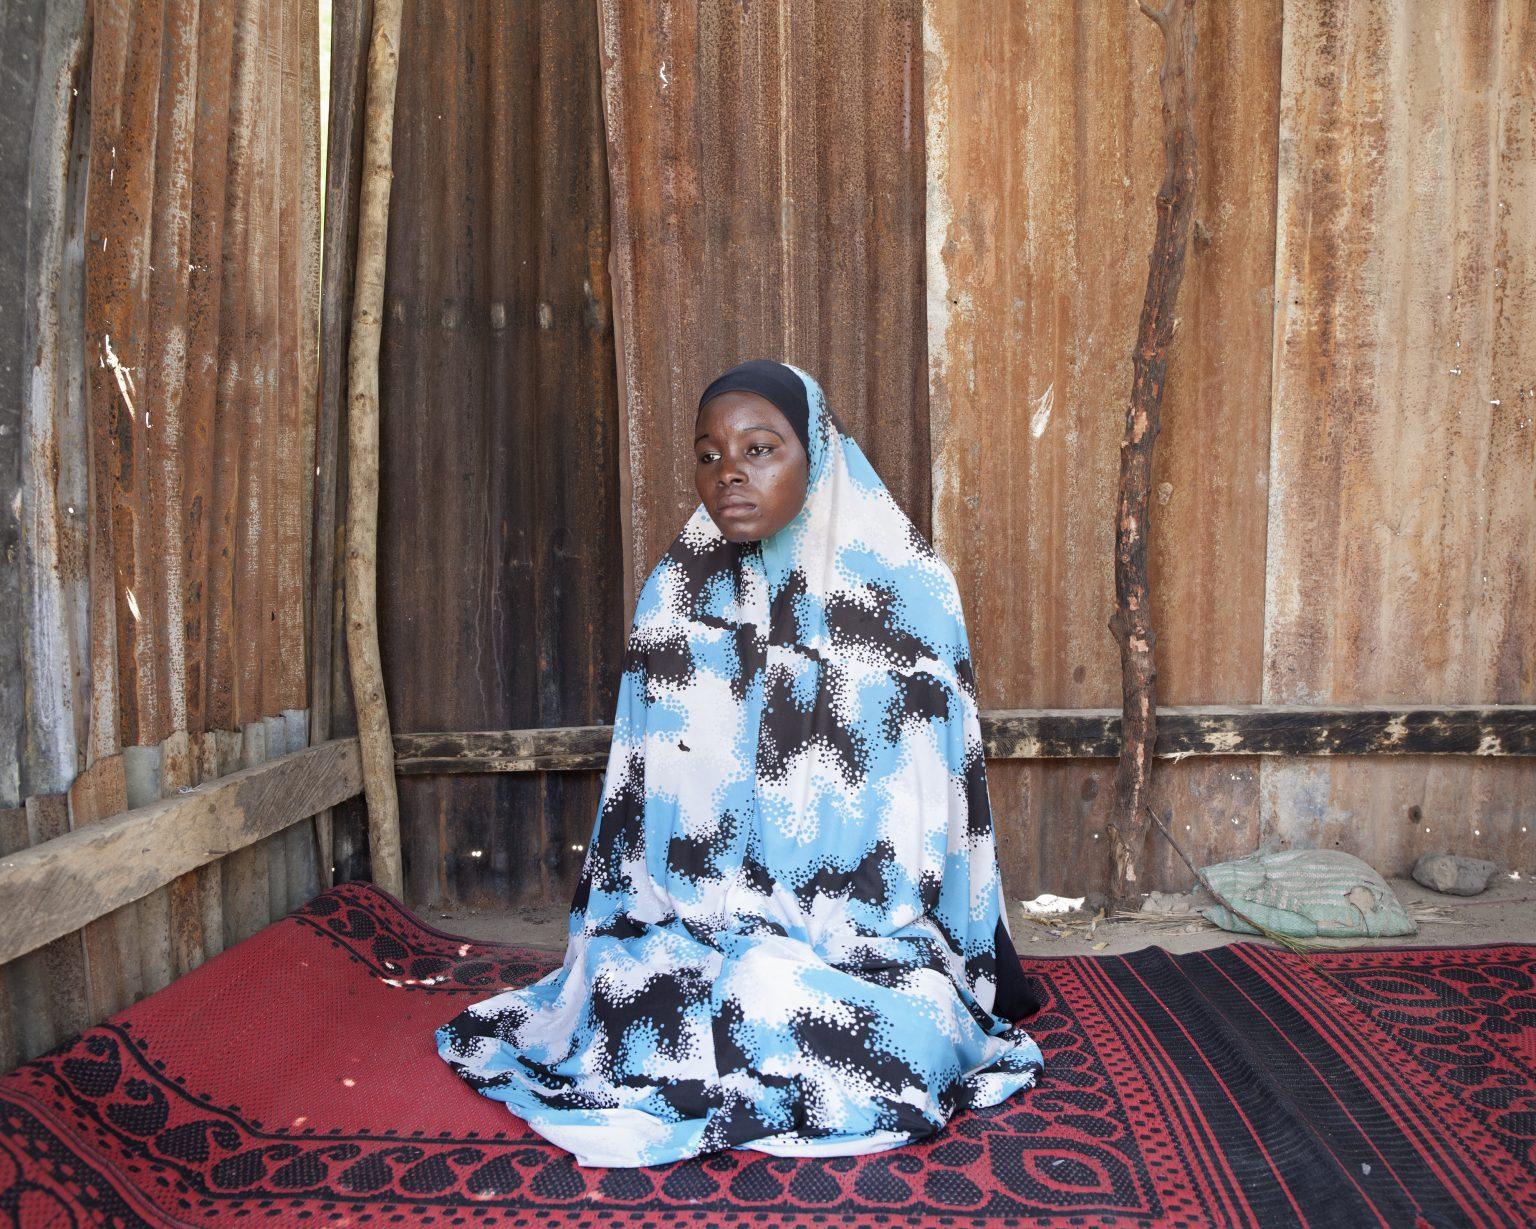 Bama, Borno State (Nigeria). A camp for internally displaced people. Kellu Tajani, 18, was kidnapped by Boko Haram. The terrorists have cut off her father's head in front of her, and then put it in her hands. After a few months as a slave, she ran away and hid in the savannah, then she reached the camp for displaced people in the town of Bama. >< Bama, Stato di Borno (Nigeria). Campo per sfollati. Kellu Tajani, 18 anni, è stata rapita da Boko Haram. I terroristi hanno tagliato la testa al padre davanti ai suoi occhi, e gliel'hanno messa in mano. Dopo qualche mese di prigionia, la ragazza è scappata nascondendosi nella savana, fino a raggiungere il campo per sfollati nella città di Bama.